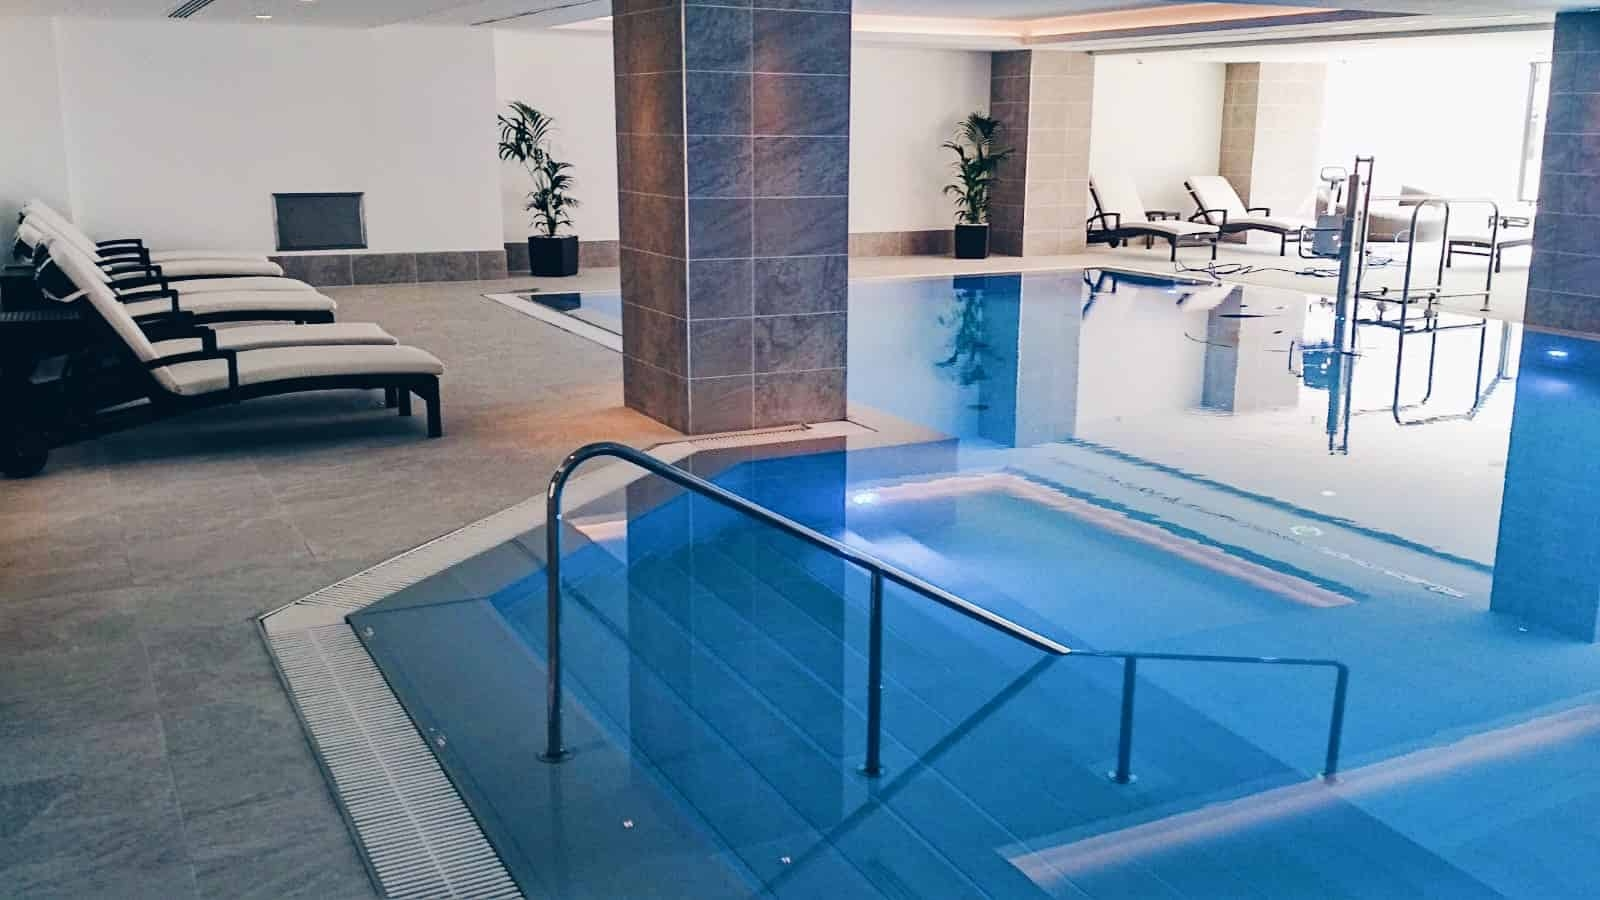 Bazén v hotelu Hilton Prague *****